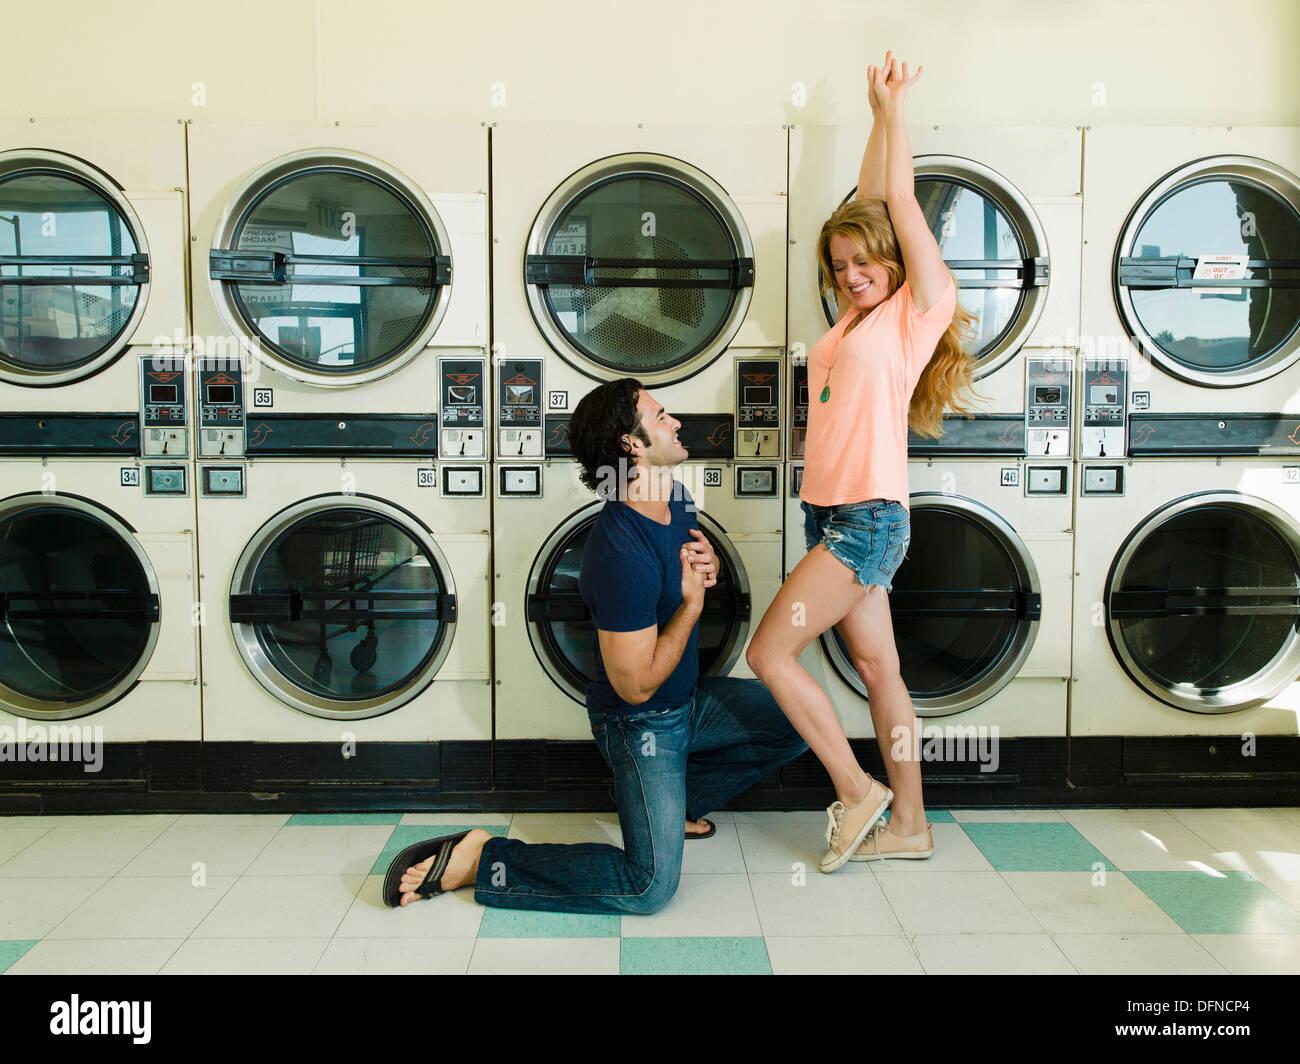 Un jeune homme s'agenouille devant une belle femme à San Diego coin laverie. Photo Stock